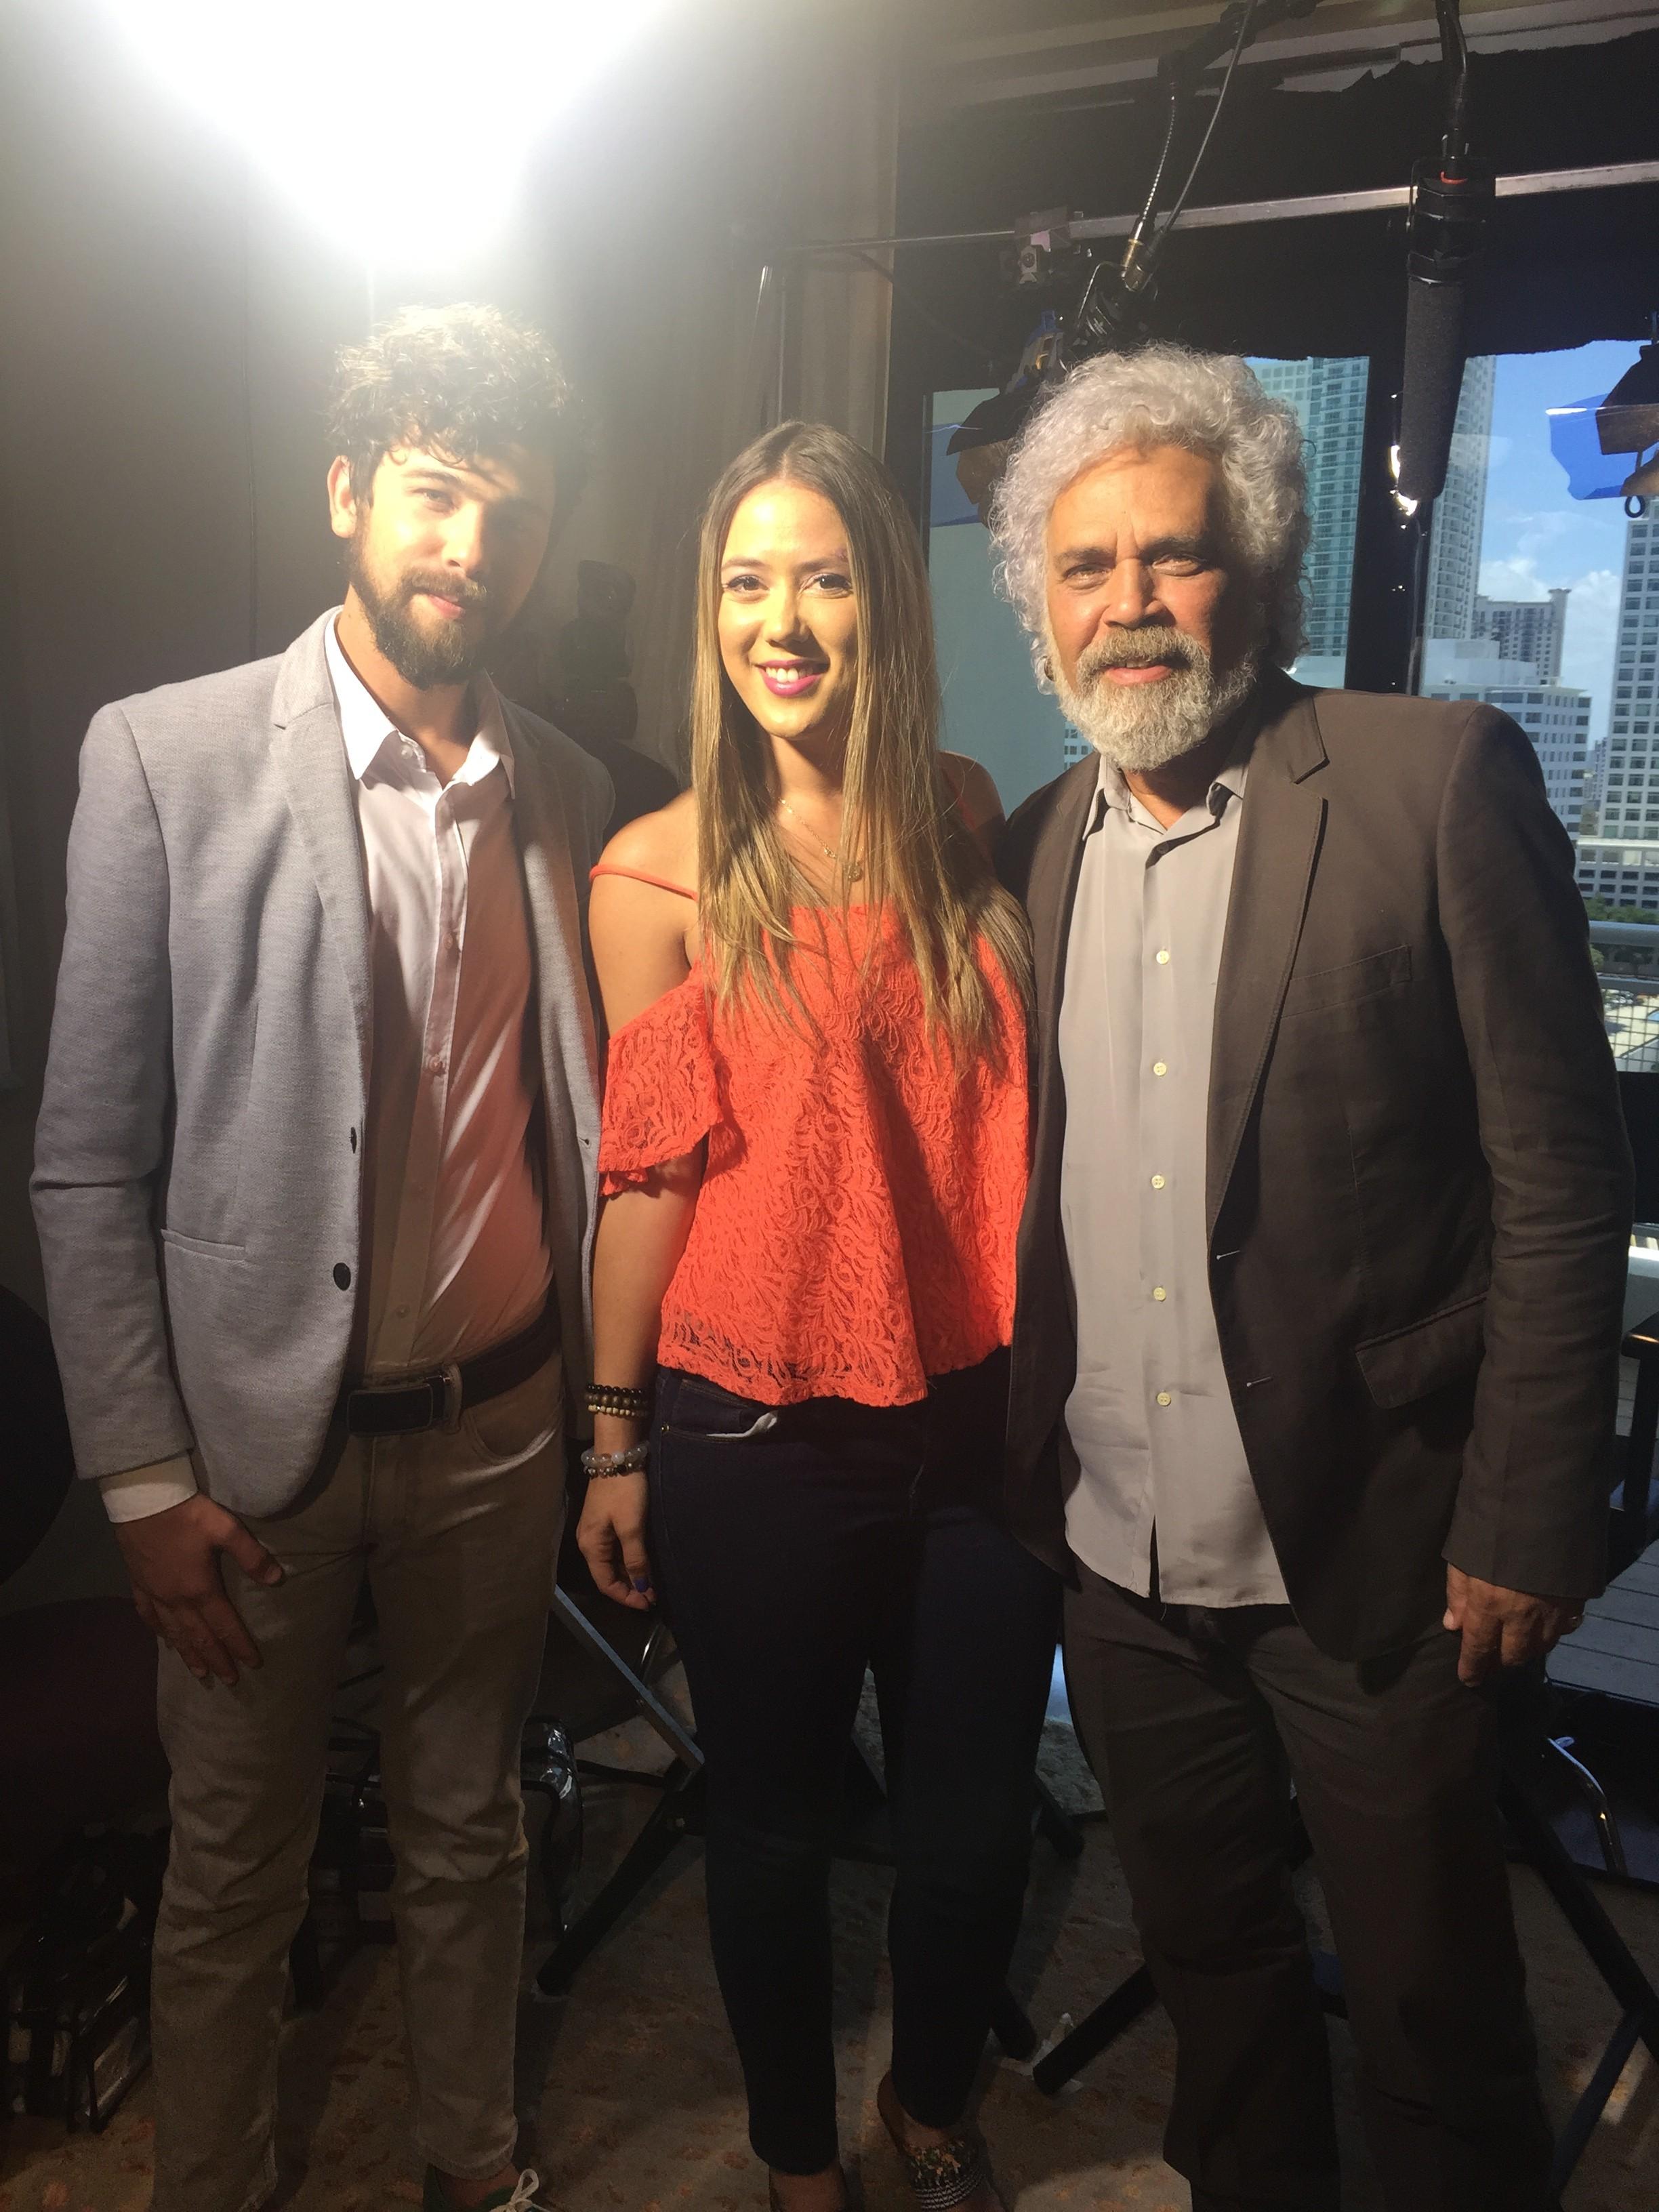 VIVA, Hector Media y Luis Alberto Garcia